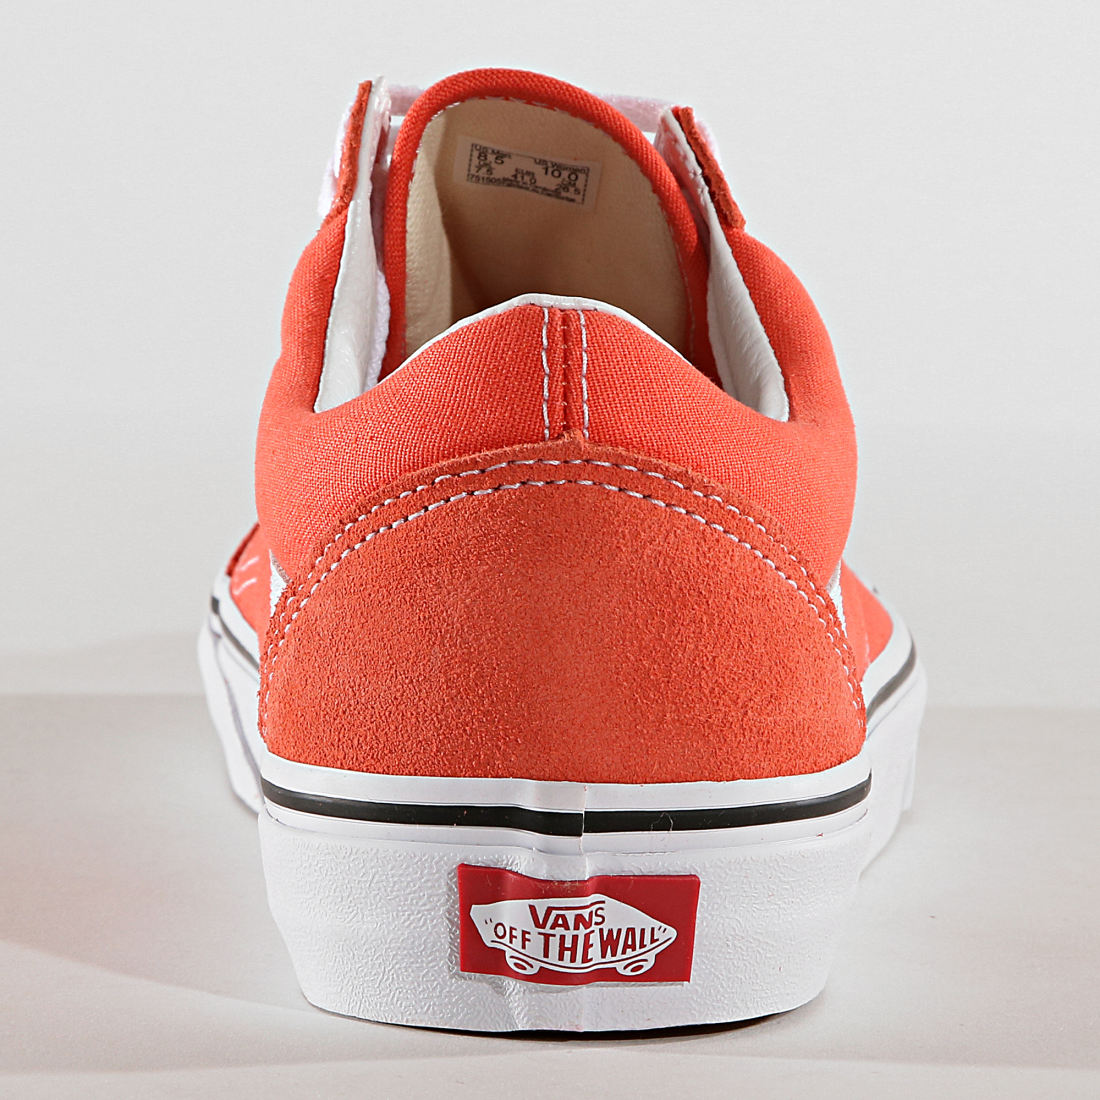 Chaussures et baskets homme Vans Old Skool Emberglow True